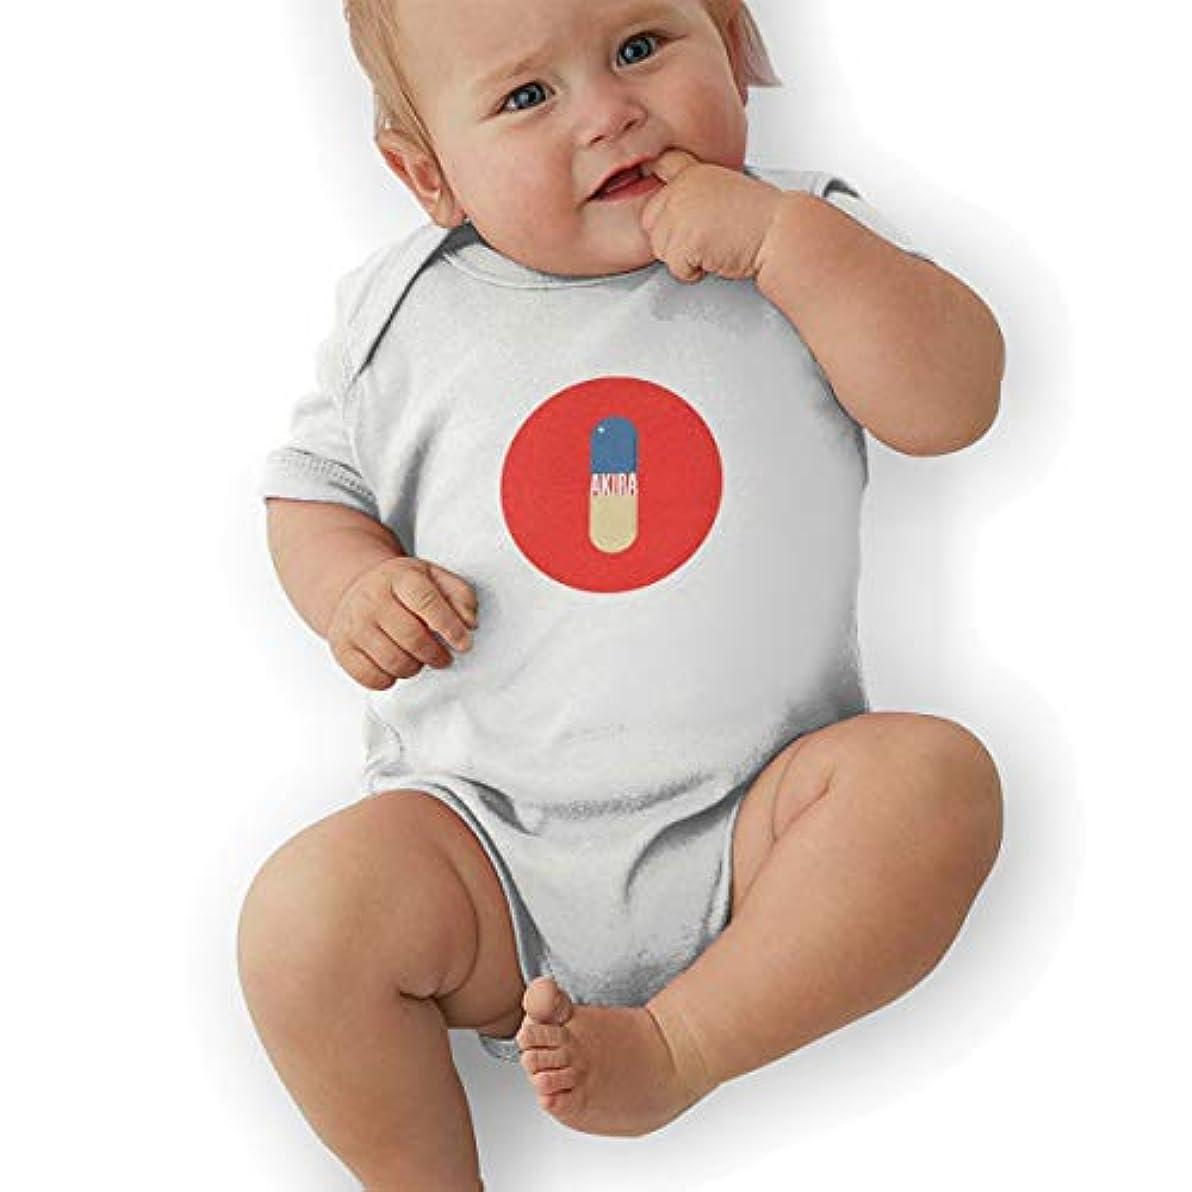 本土恐れオペラAkira Pill ベビー ロンパース ベビー服 子ども 半袖ボディースーツ 肌着 夏 かわいい 出産祝い プレゼント